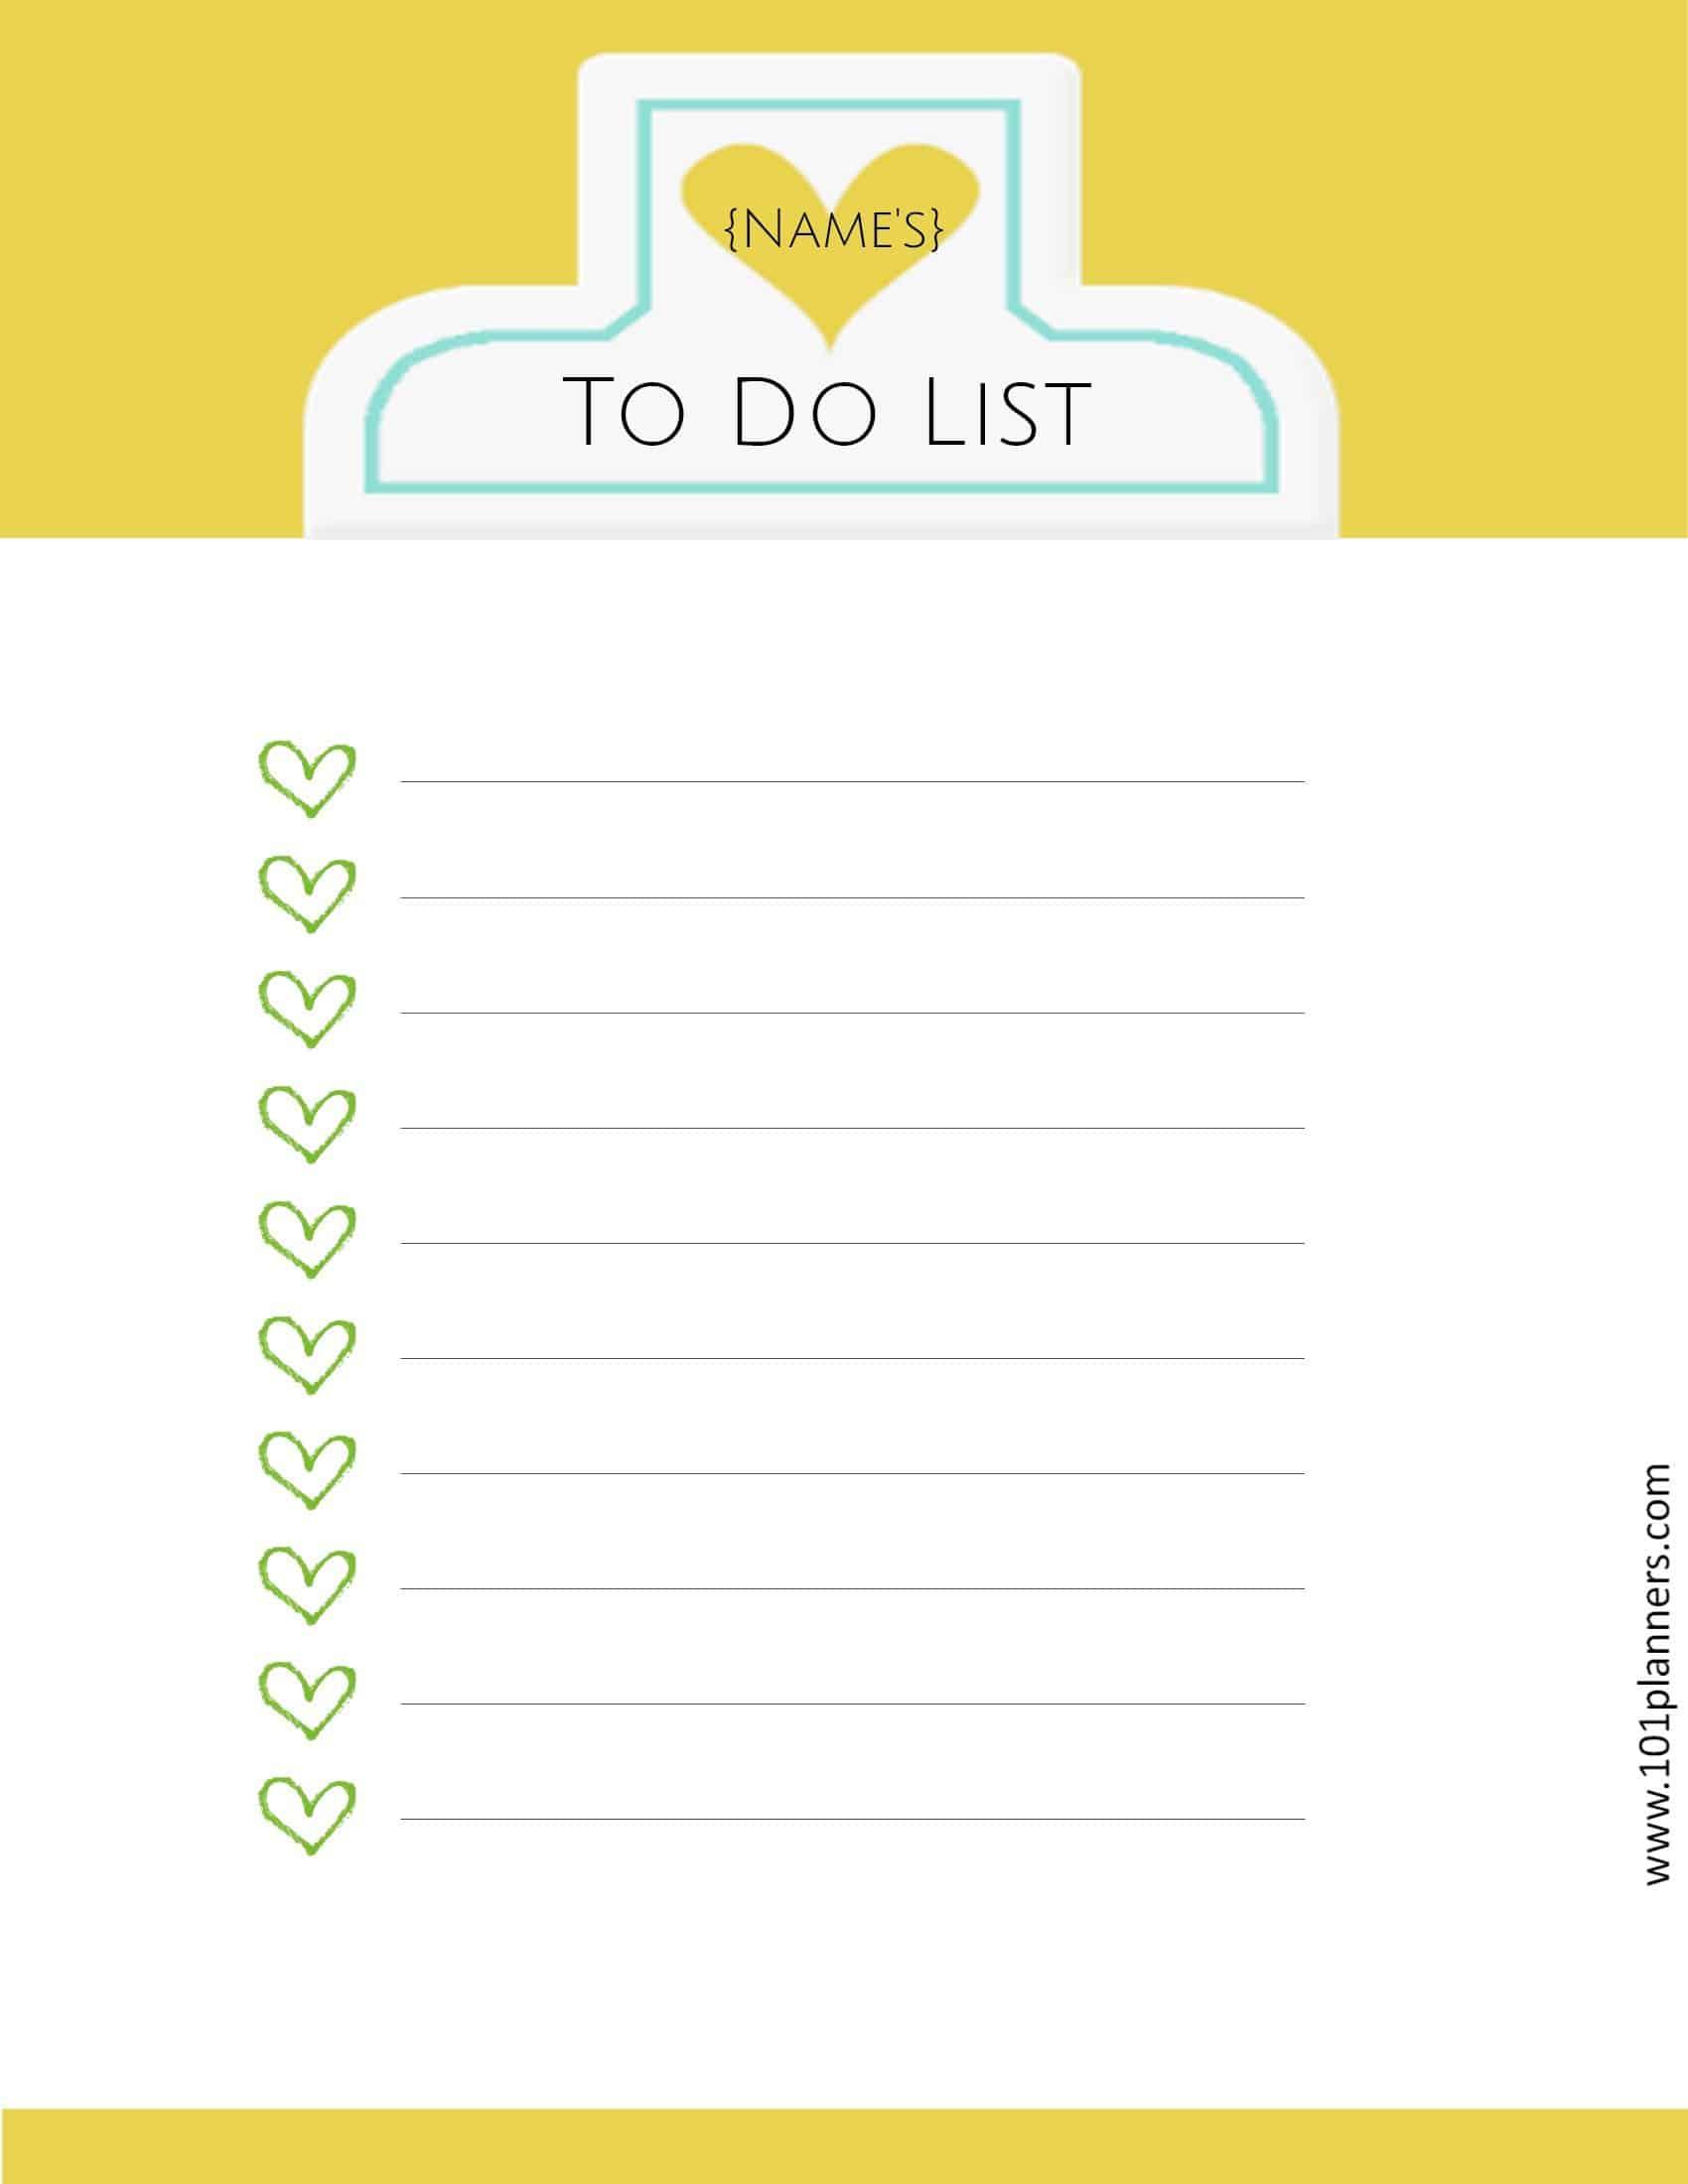 20+ Printable To Do Lists and Task List Templates